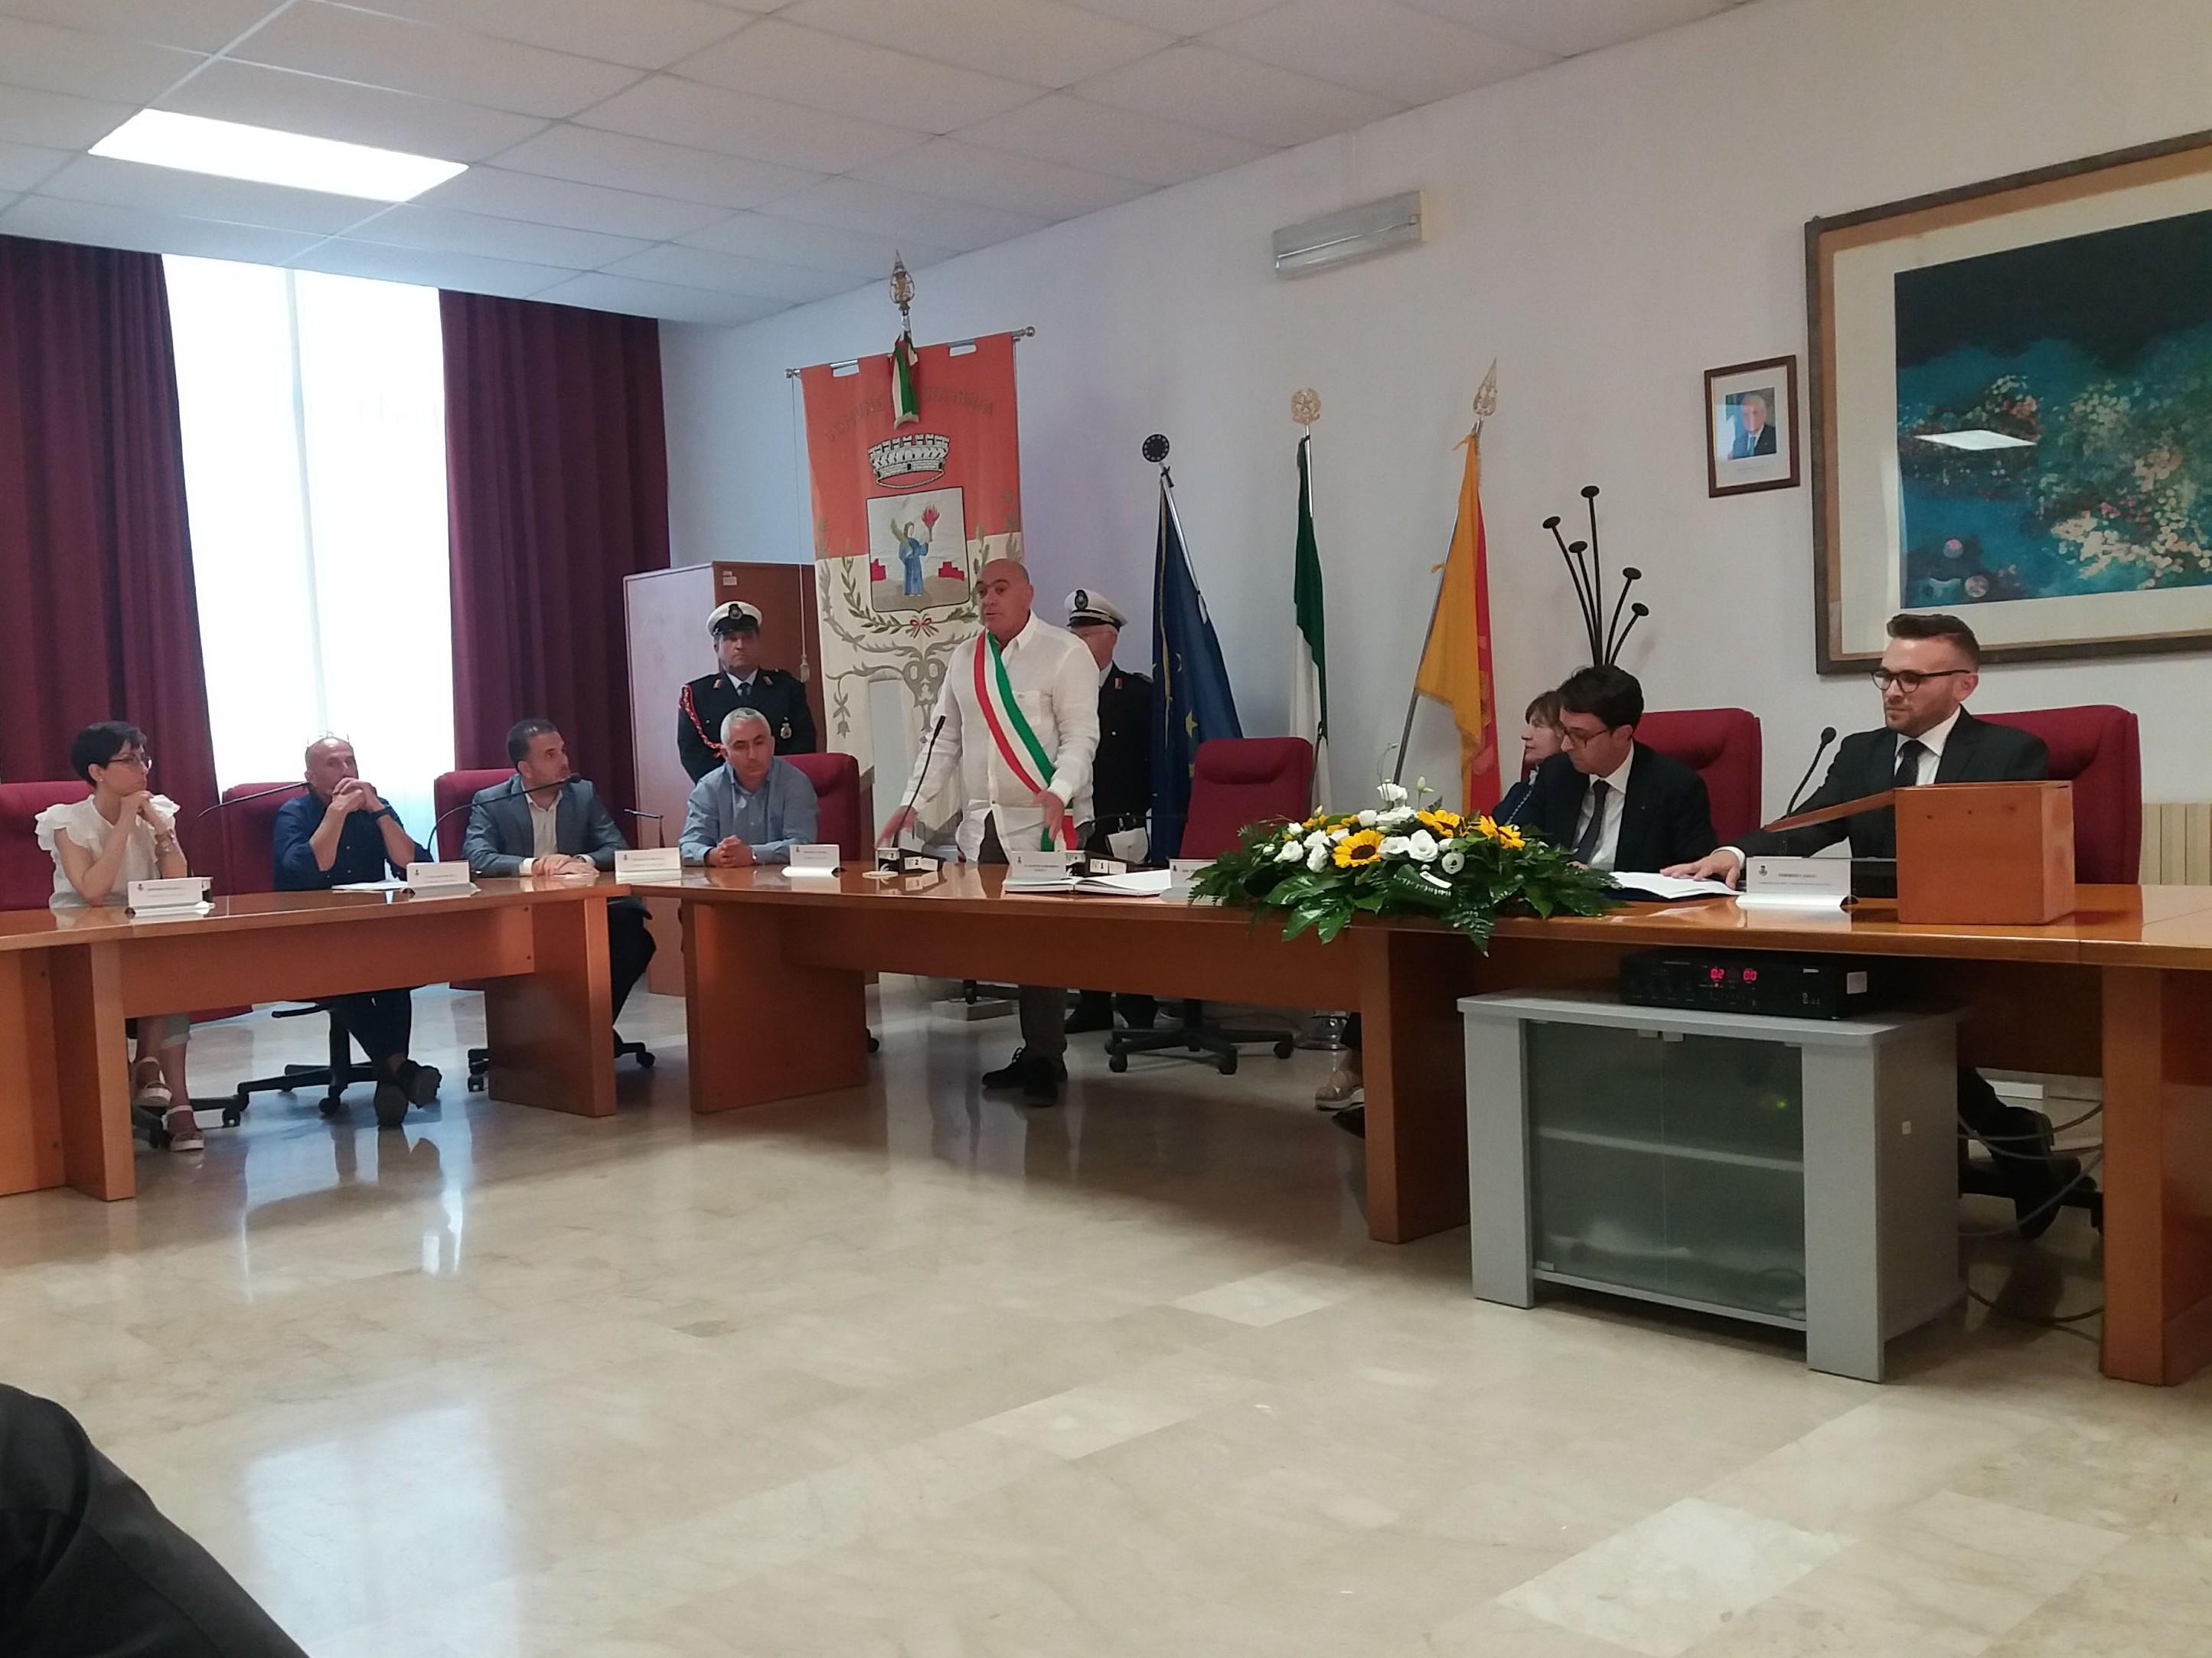 Immagine articolo: Santa Ninfa: Il Consiglio comunale convocato per gli equilibri di bilancio